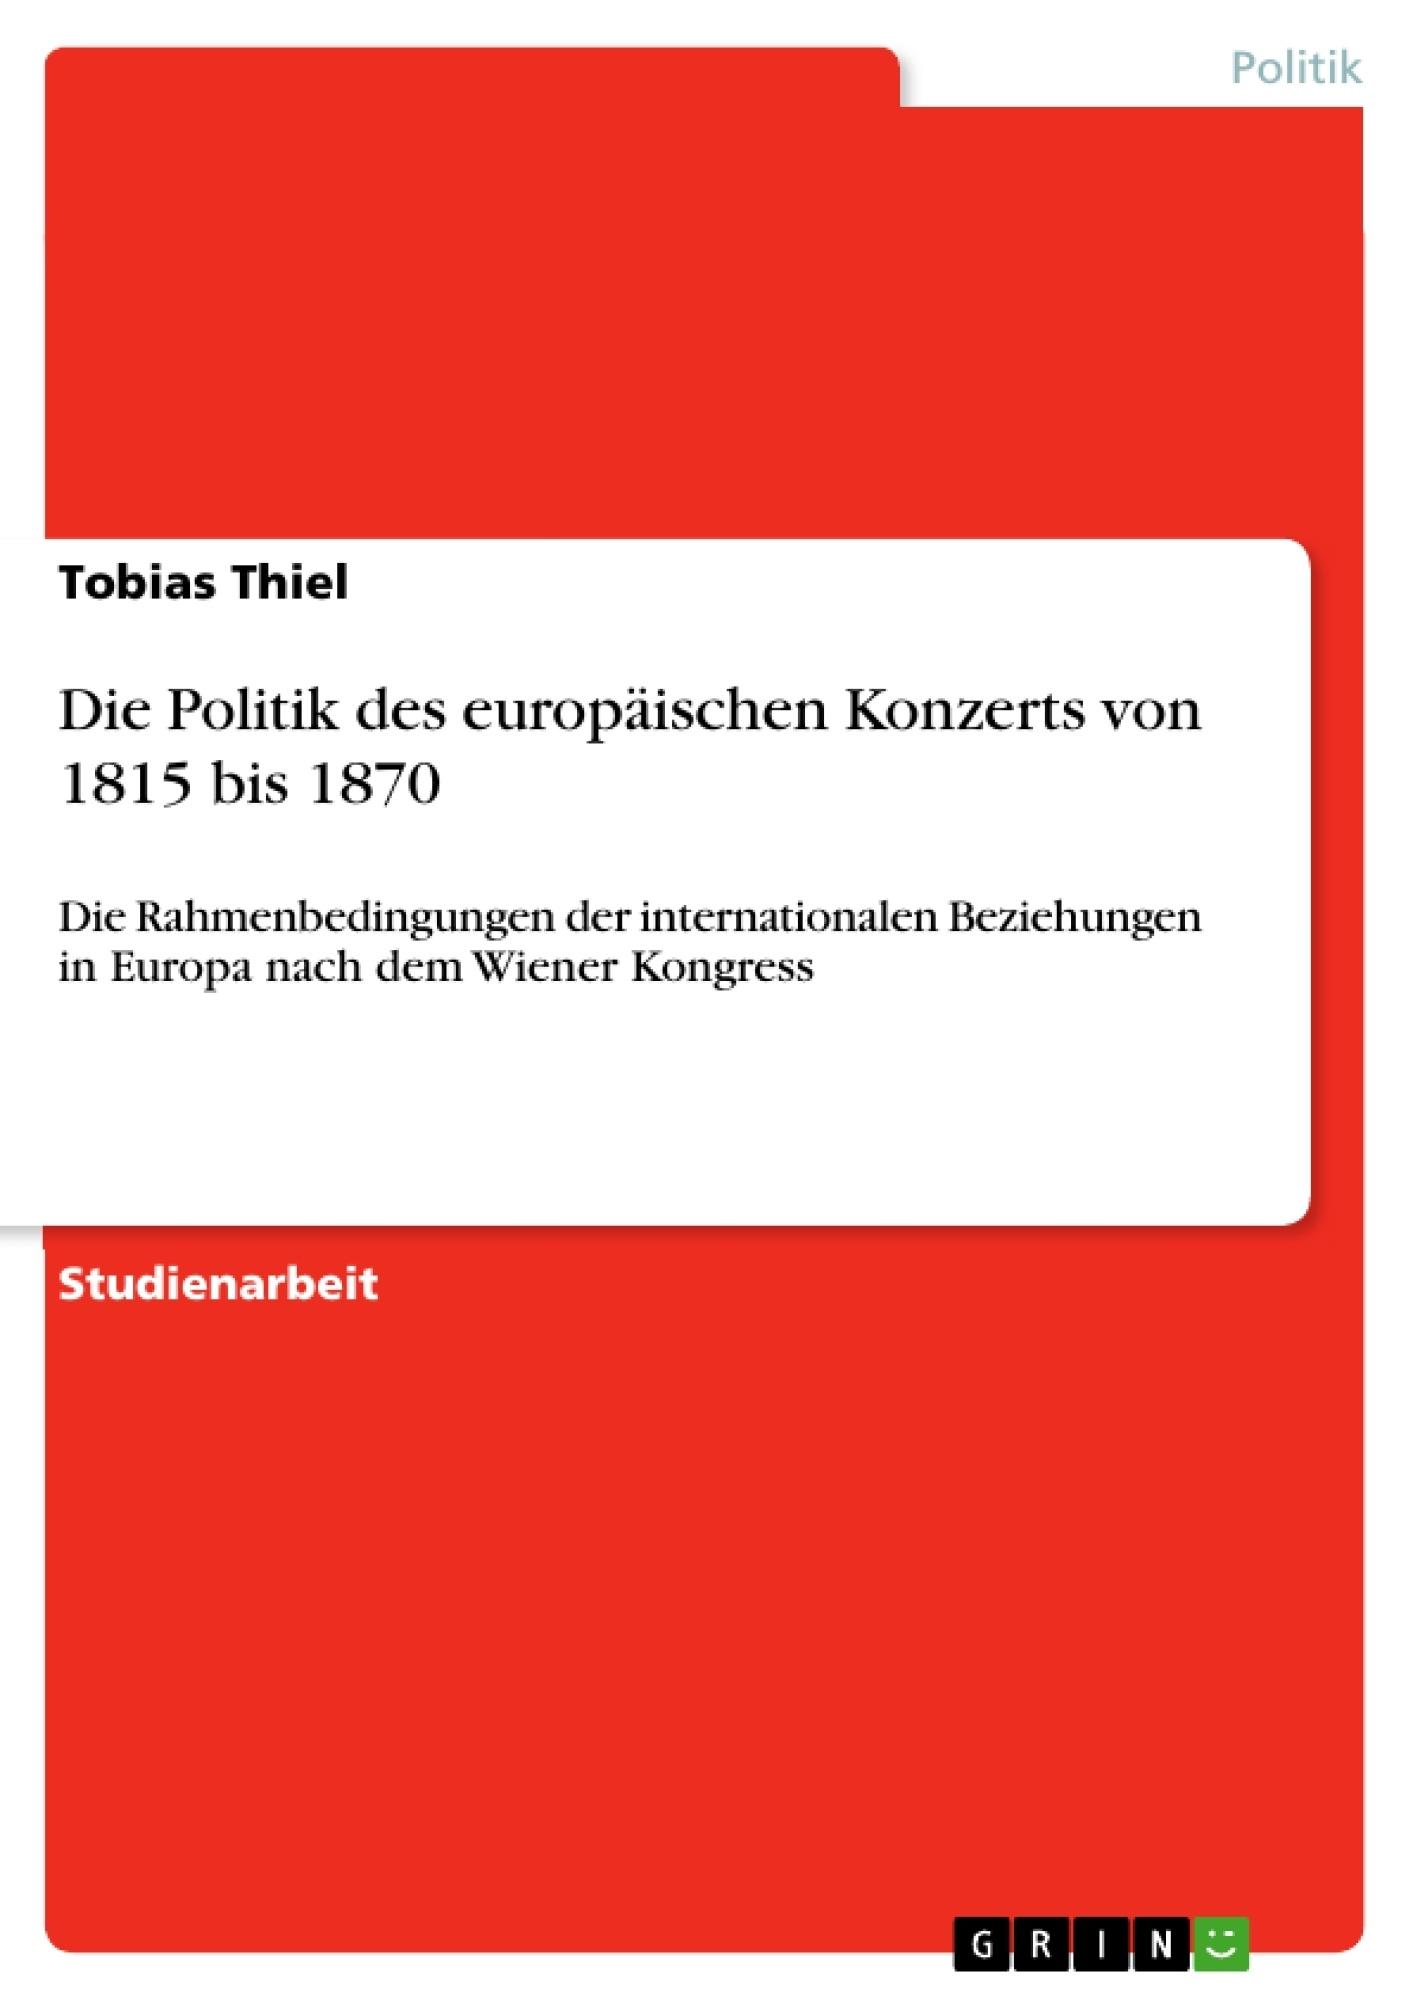 Titel: Die Politik des europäischen Konzerts von 1815 bis 1870